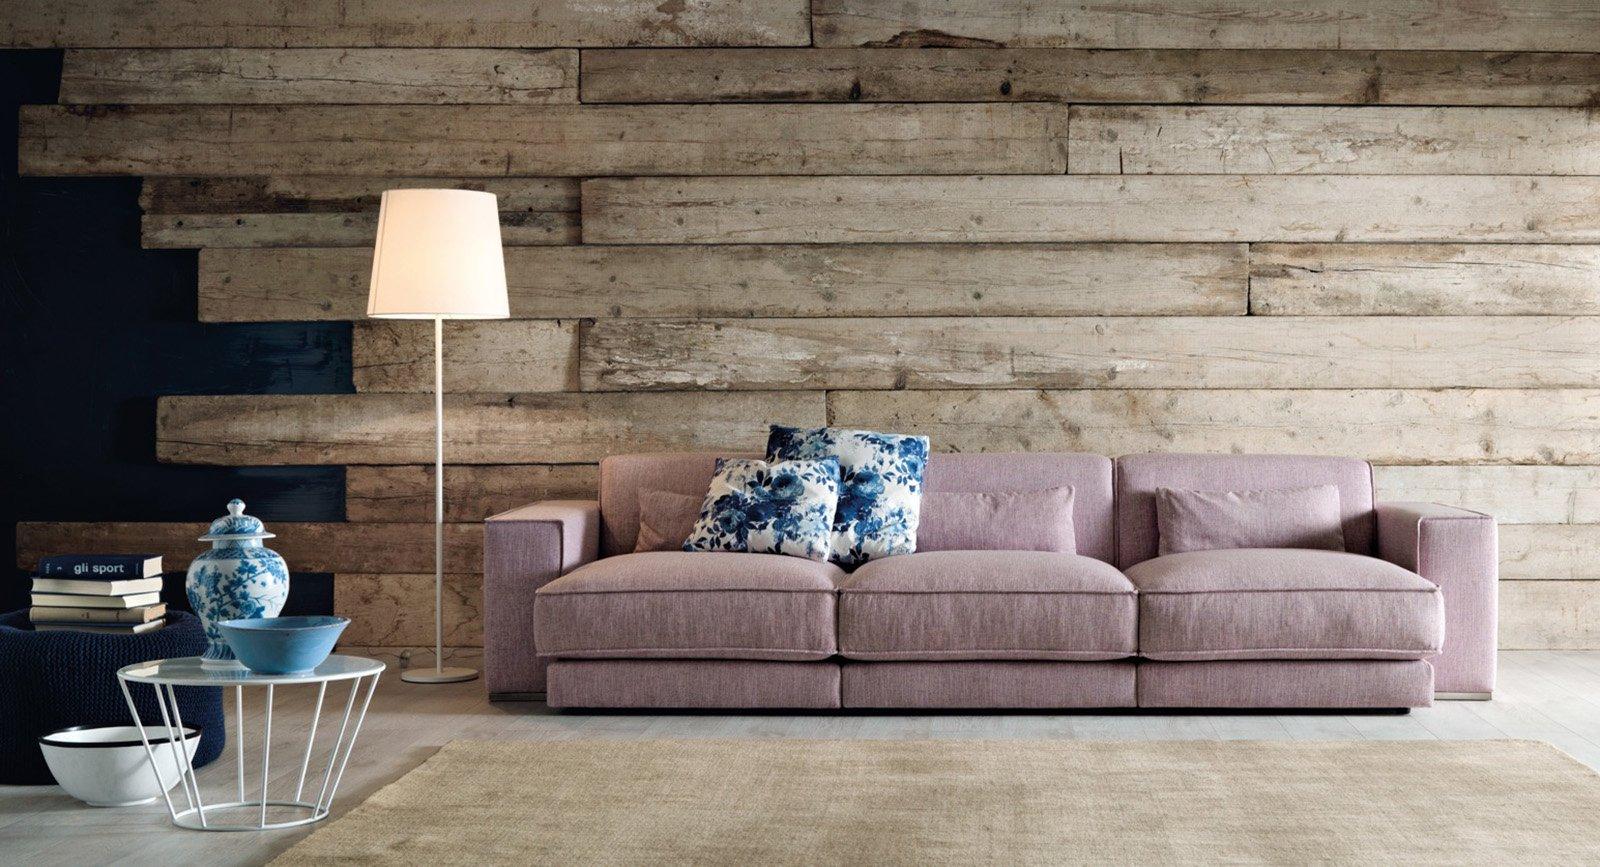 Divani antimacchia per un rivestimento facile da pulire - Prodotti per pulire il divano in tessuto ...